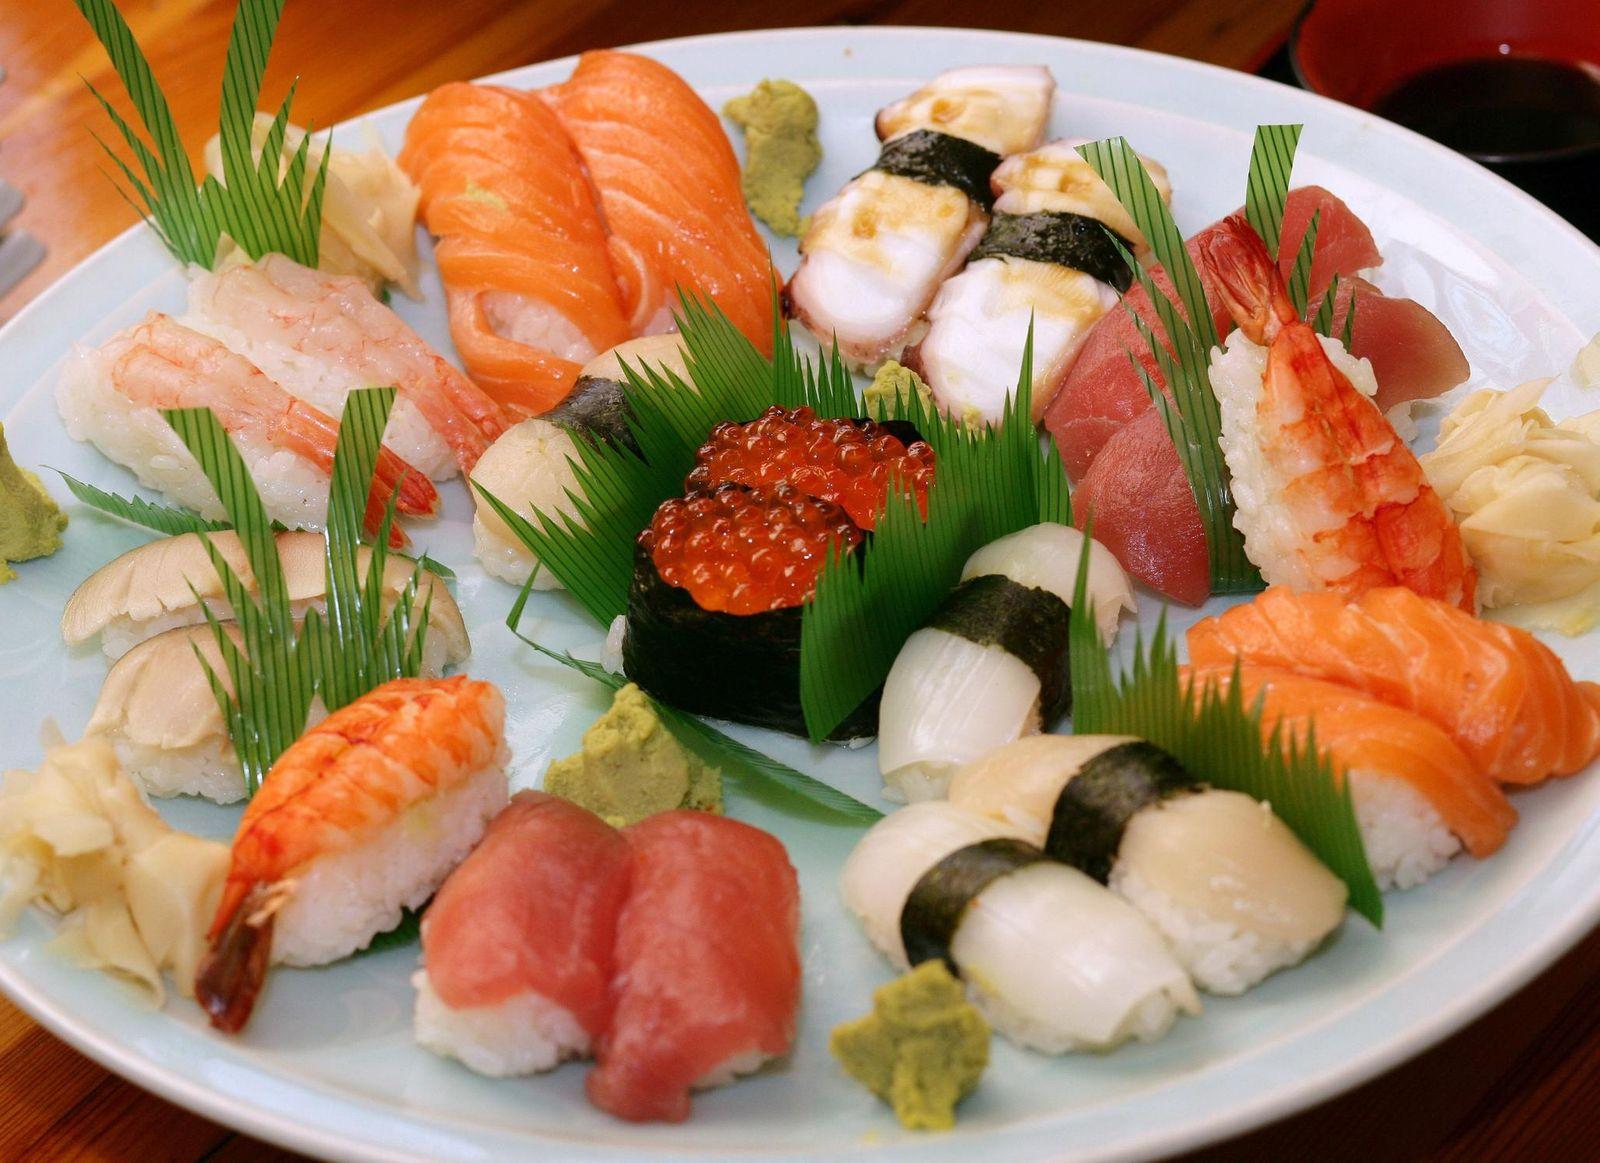 sushi-dpa-Jens-Kalaene